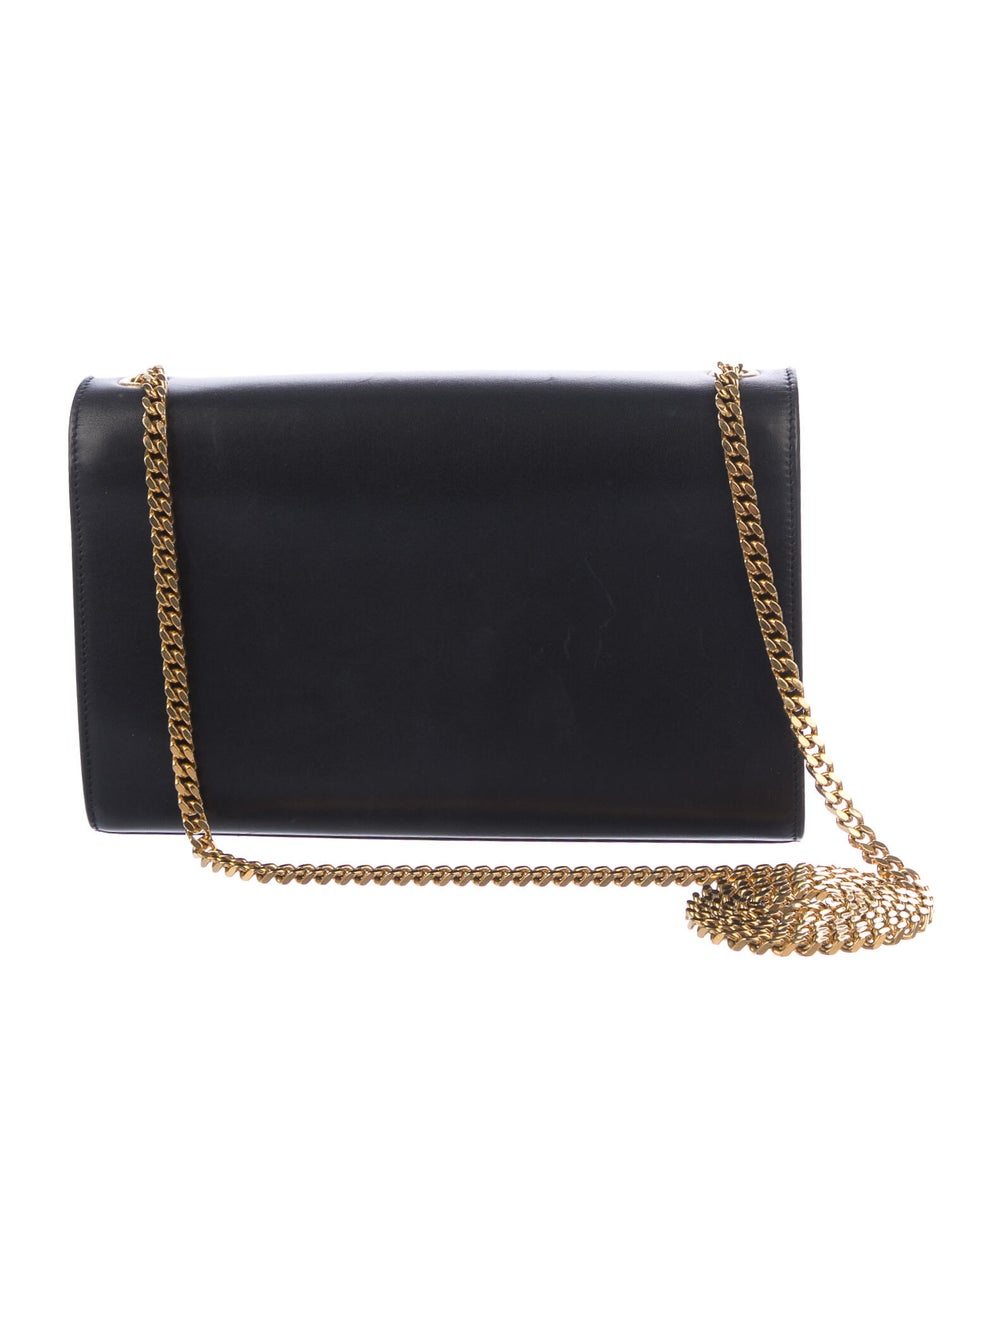 Saint Laurent Kate Tassel Small Bag Black - image 4